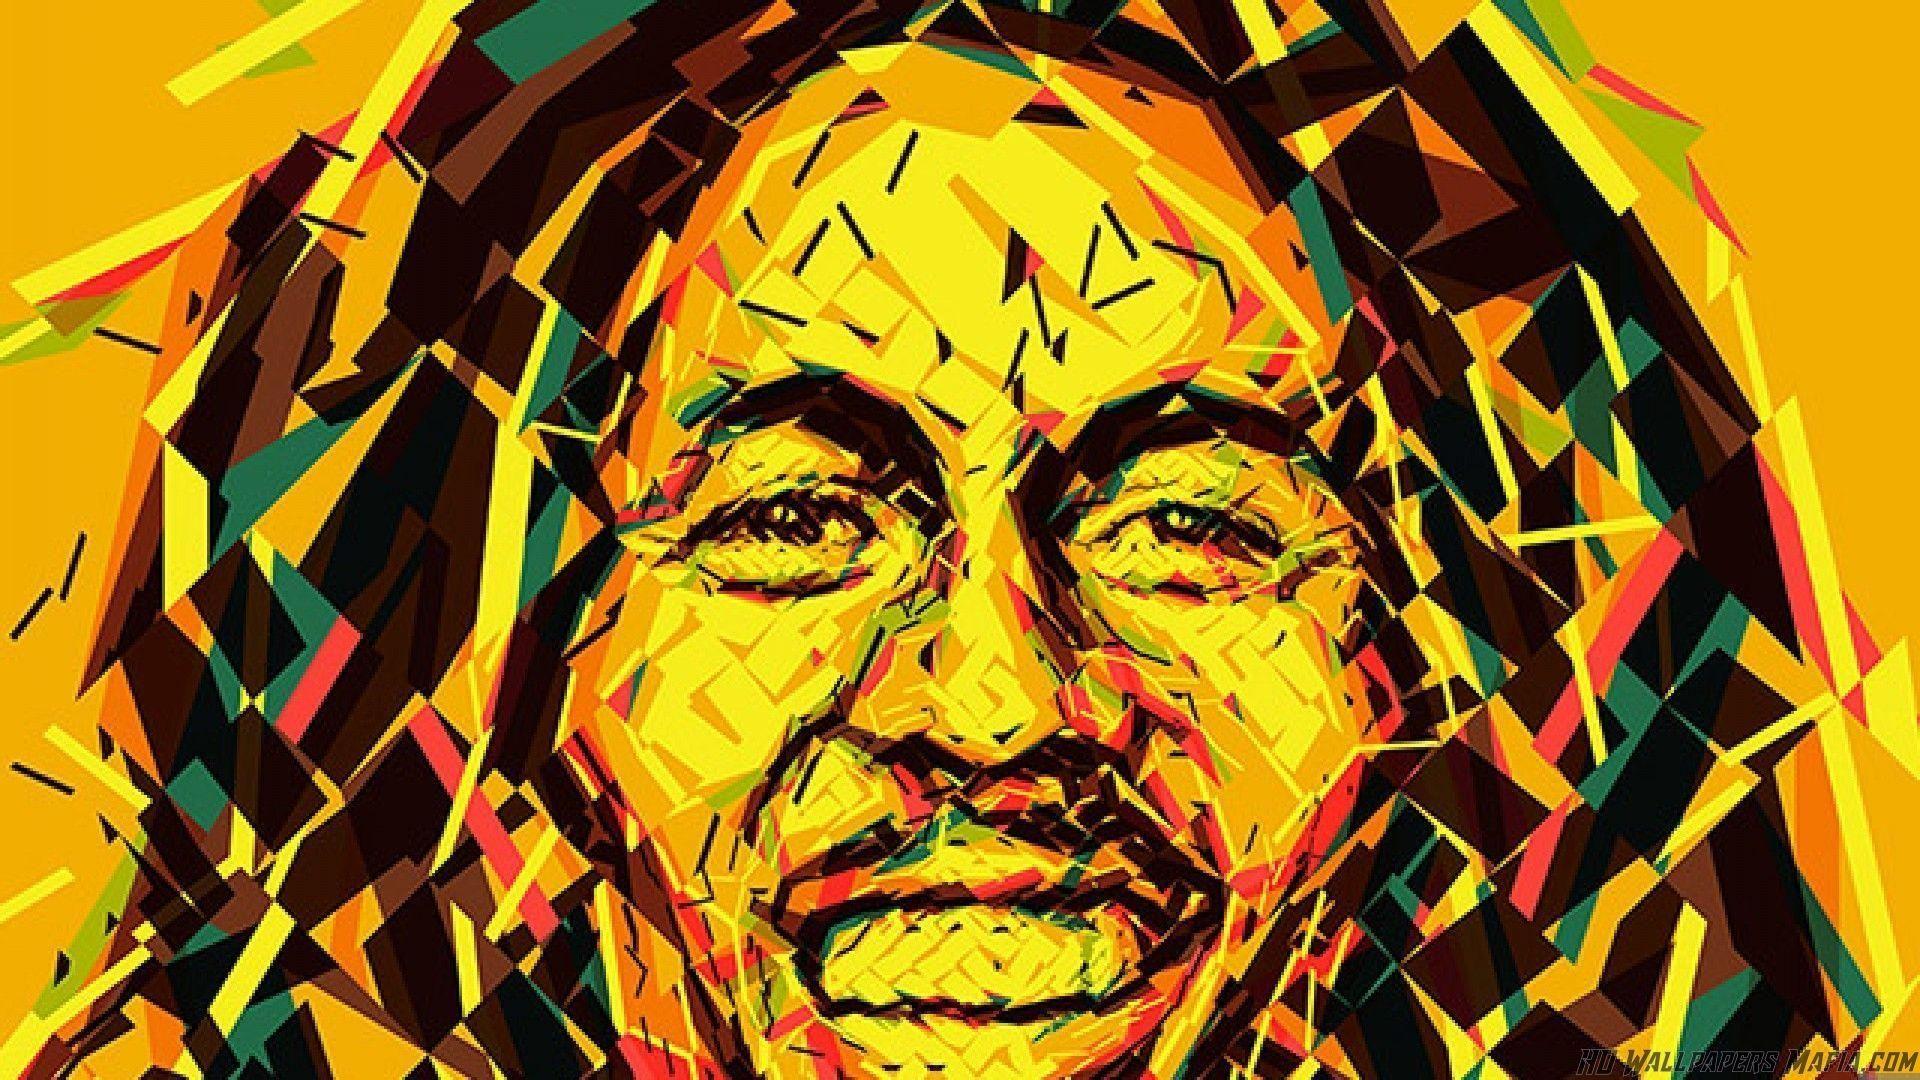 Bob Marley Hd Wallpaper 16 Bob Marley Poster